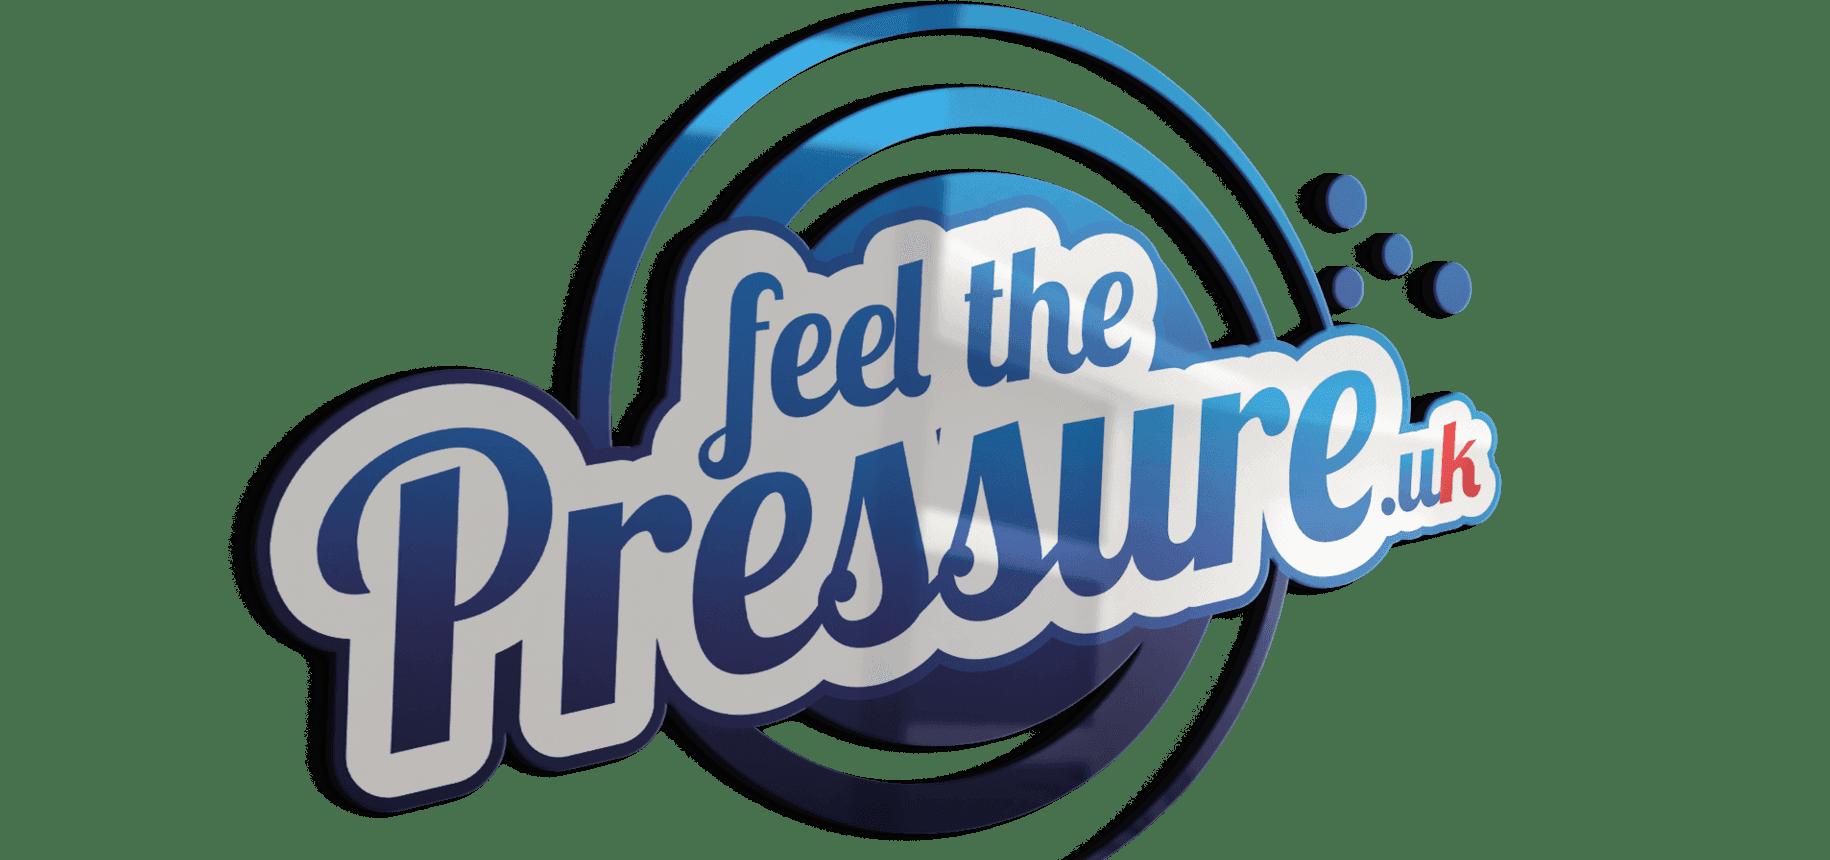 Feel The Pressure